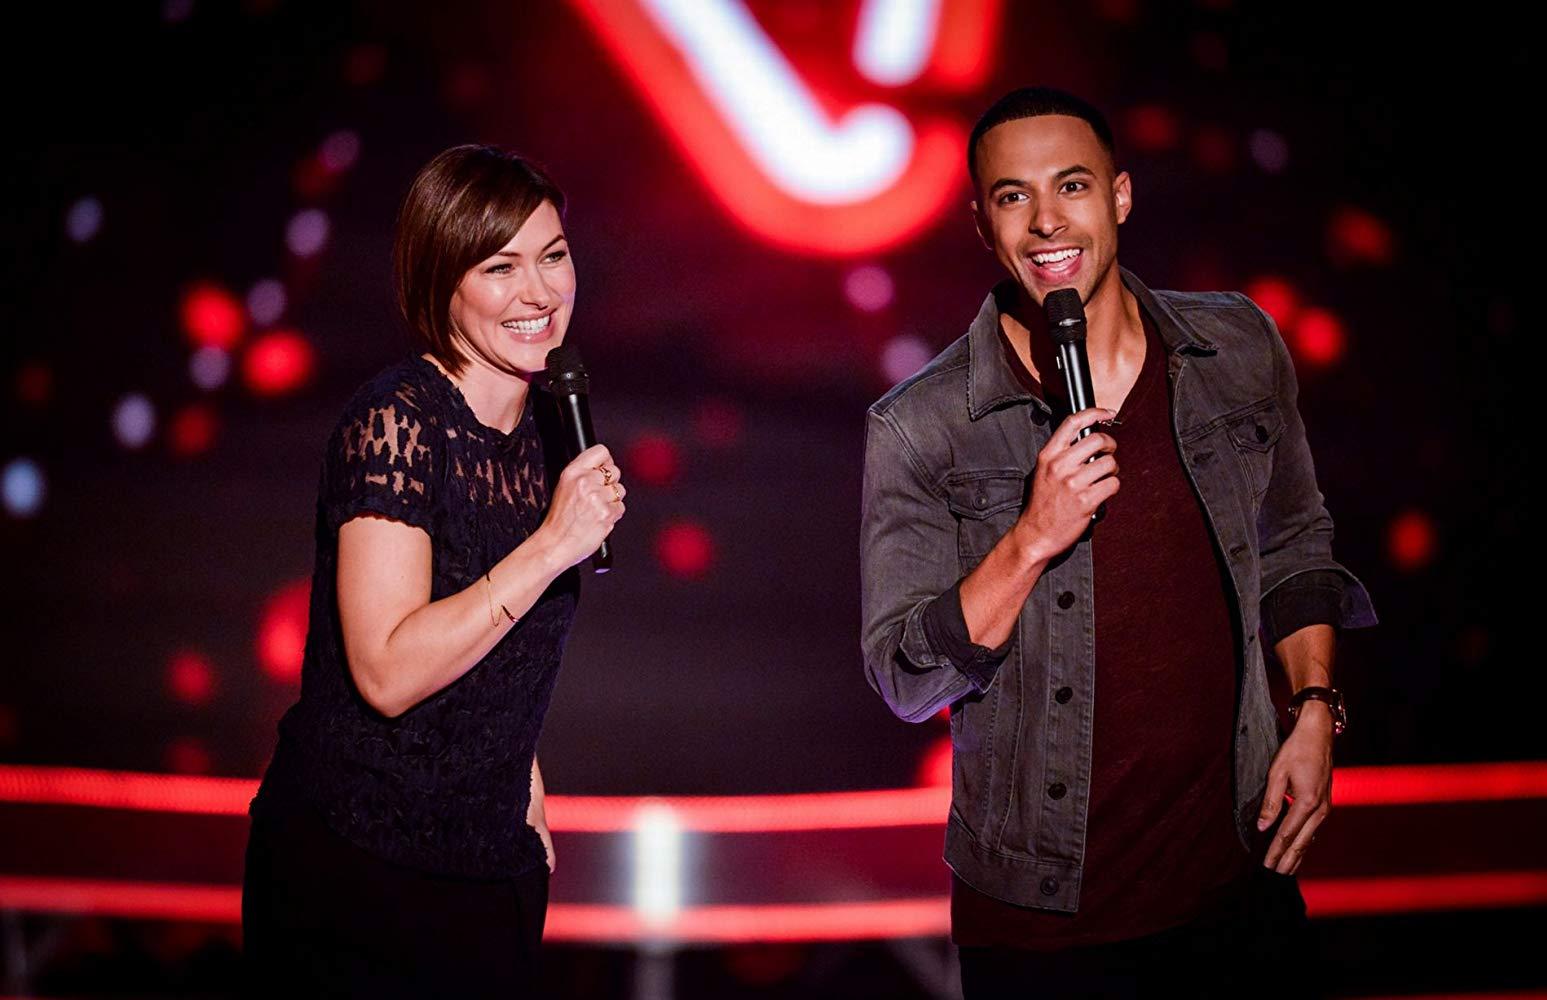 The Voice (UK) - Season 8